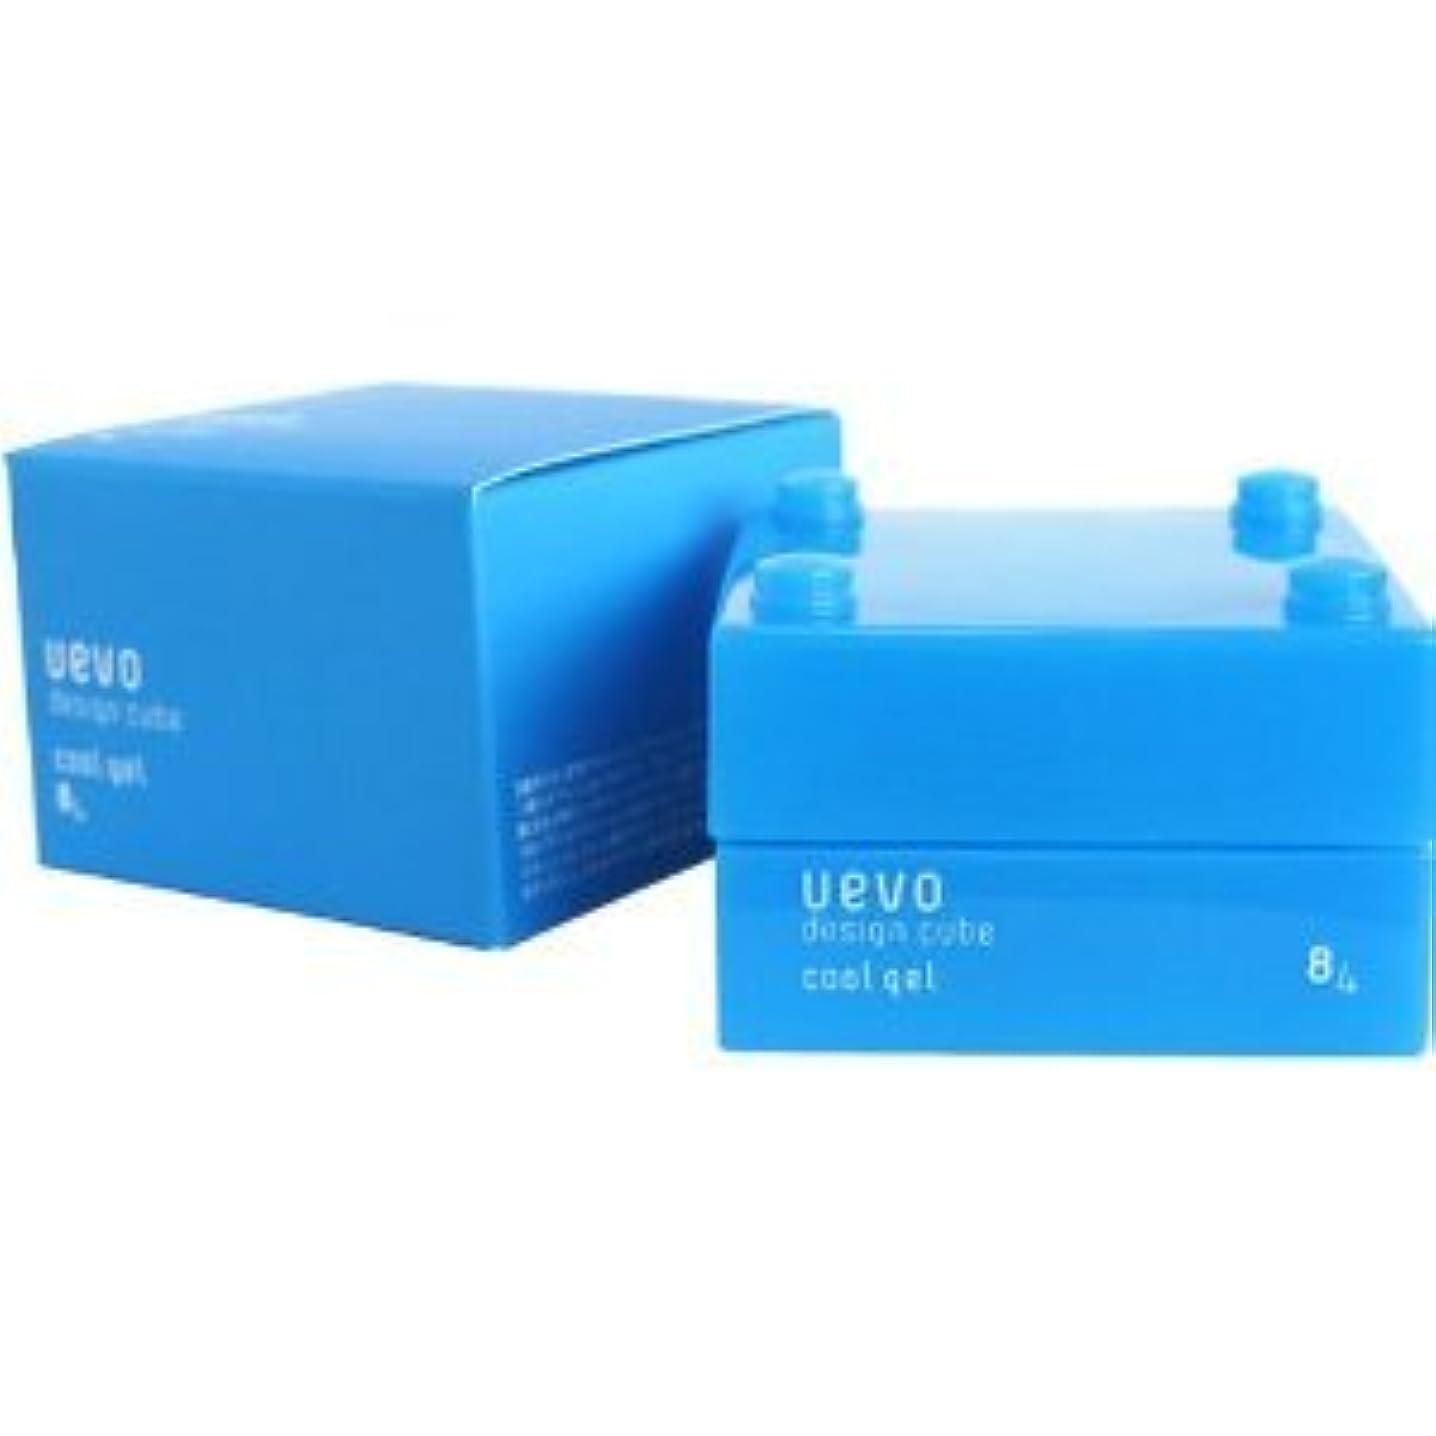 コンペ正しく落胆した【X3個セット】 デミ ウェーボ デザインキューブ クールジェル 30g cool gel DEMI uevo design cube